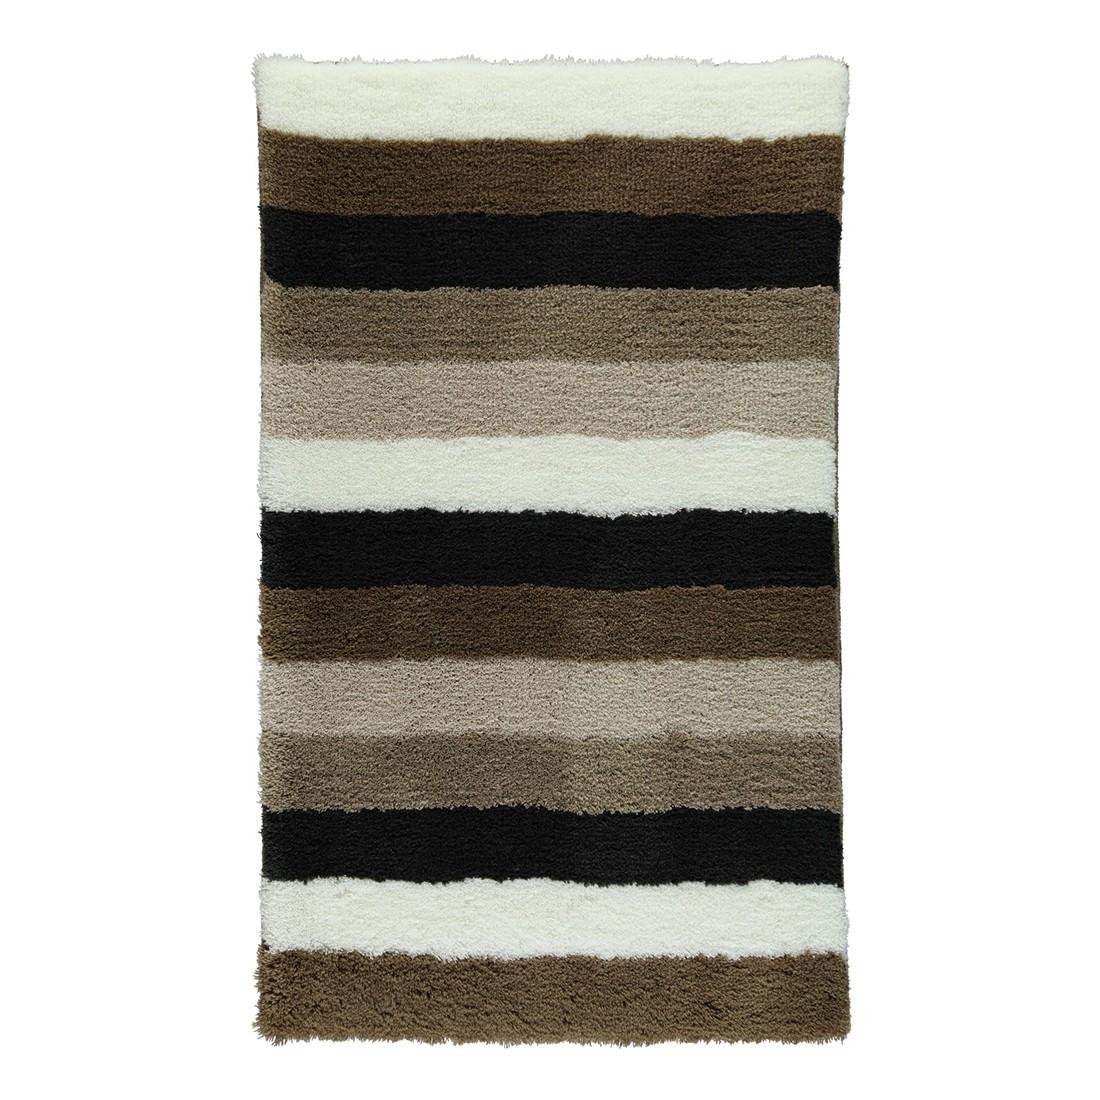 Badteppich Bilbao – 100% Polyacryl Kaschmir – 287 – Abmessungen: 60 x 100 cm, Kleine Wolke bestellen